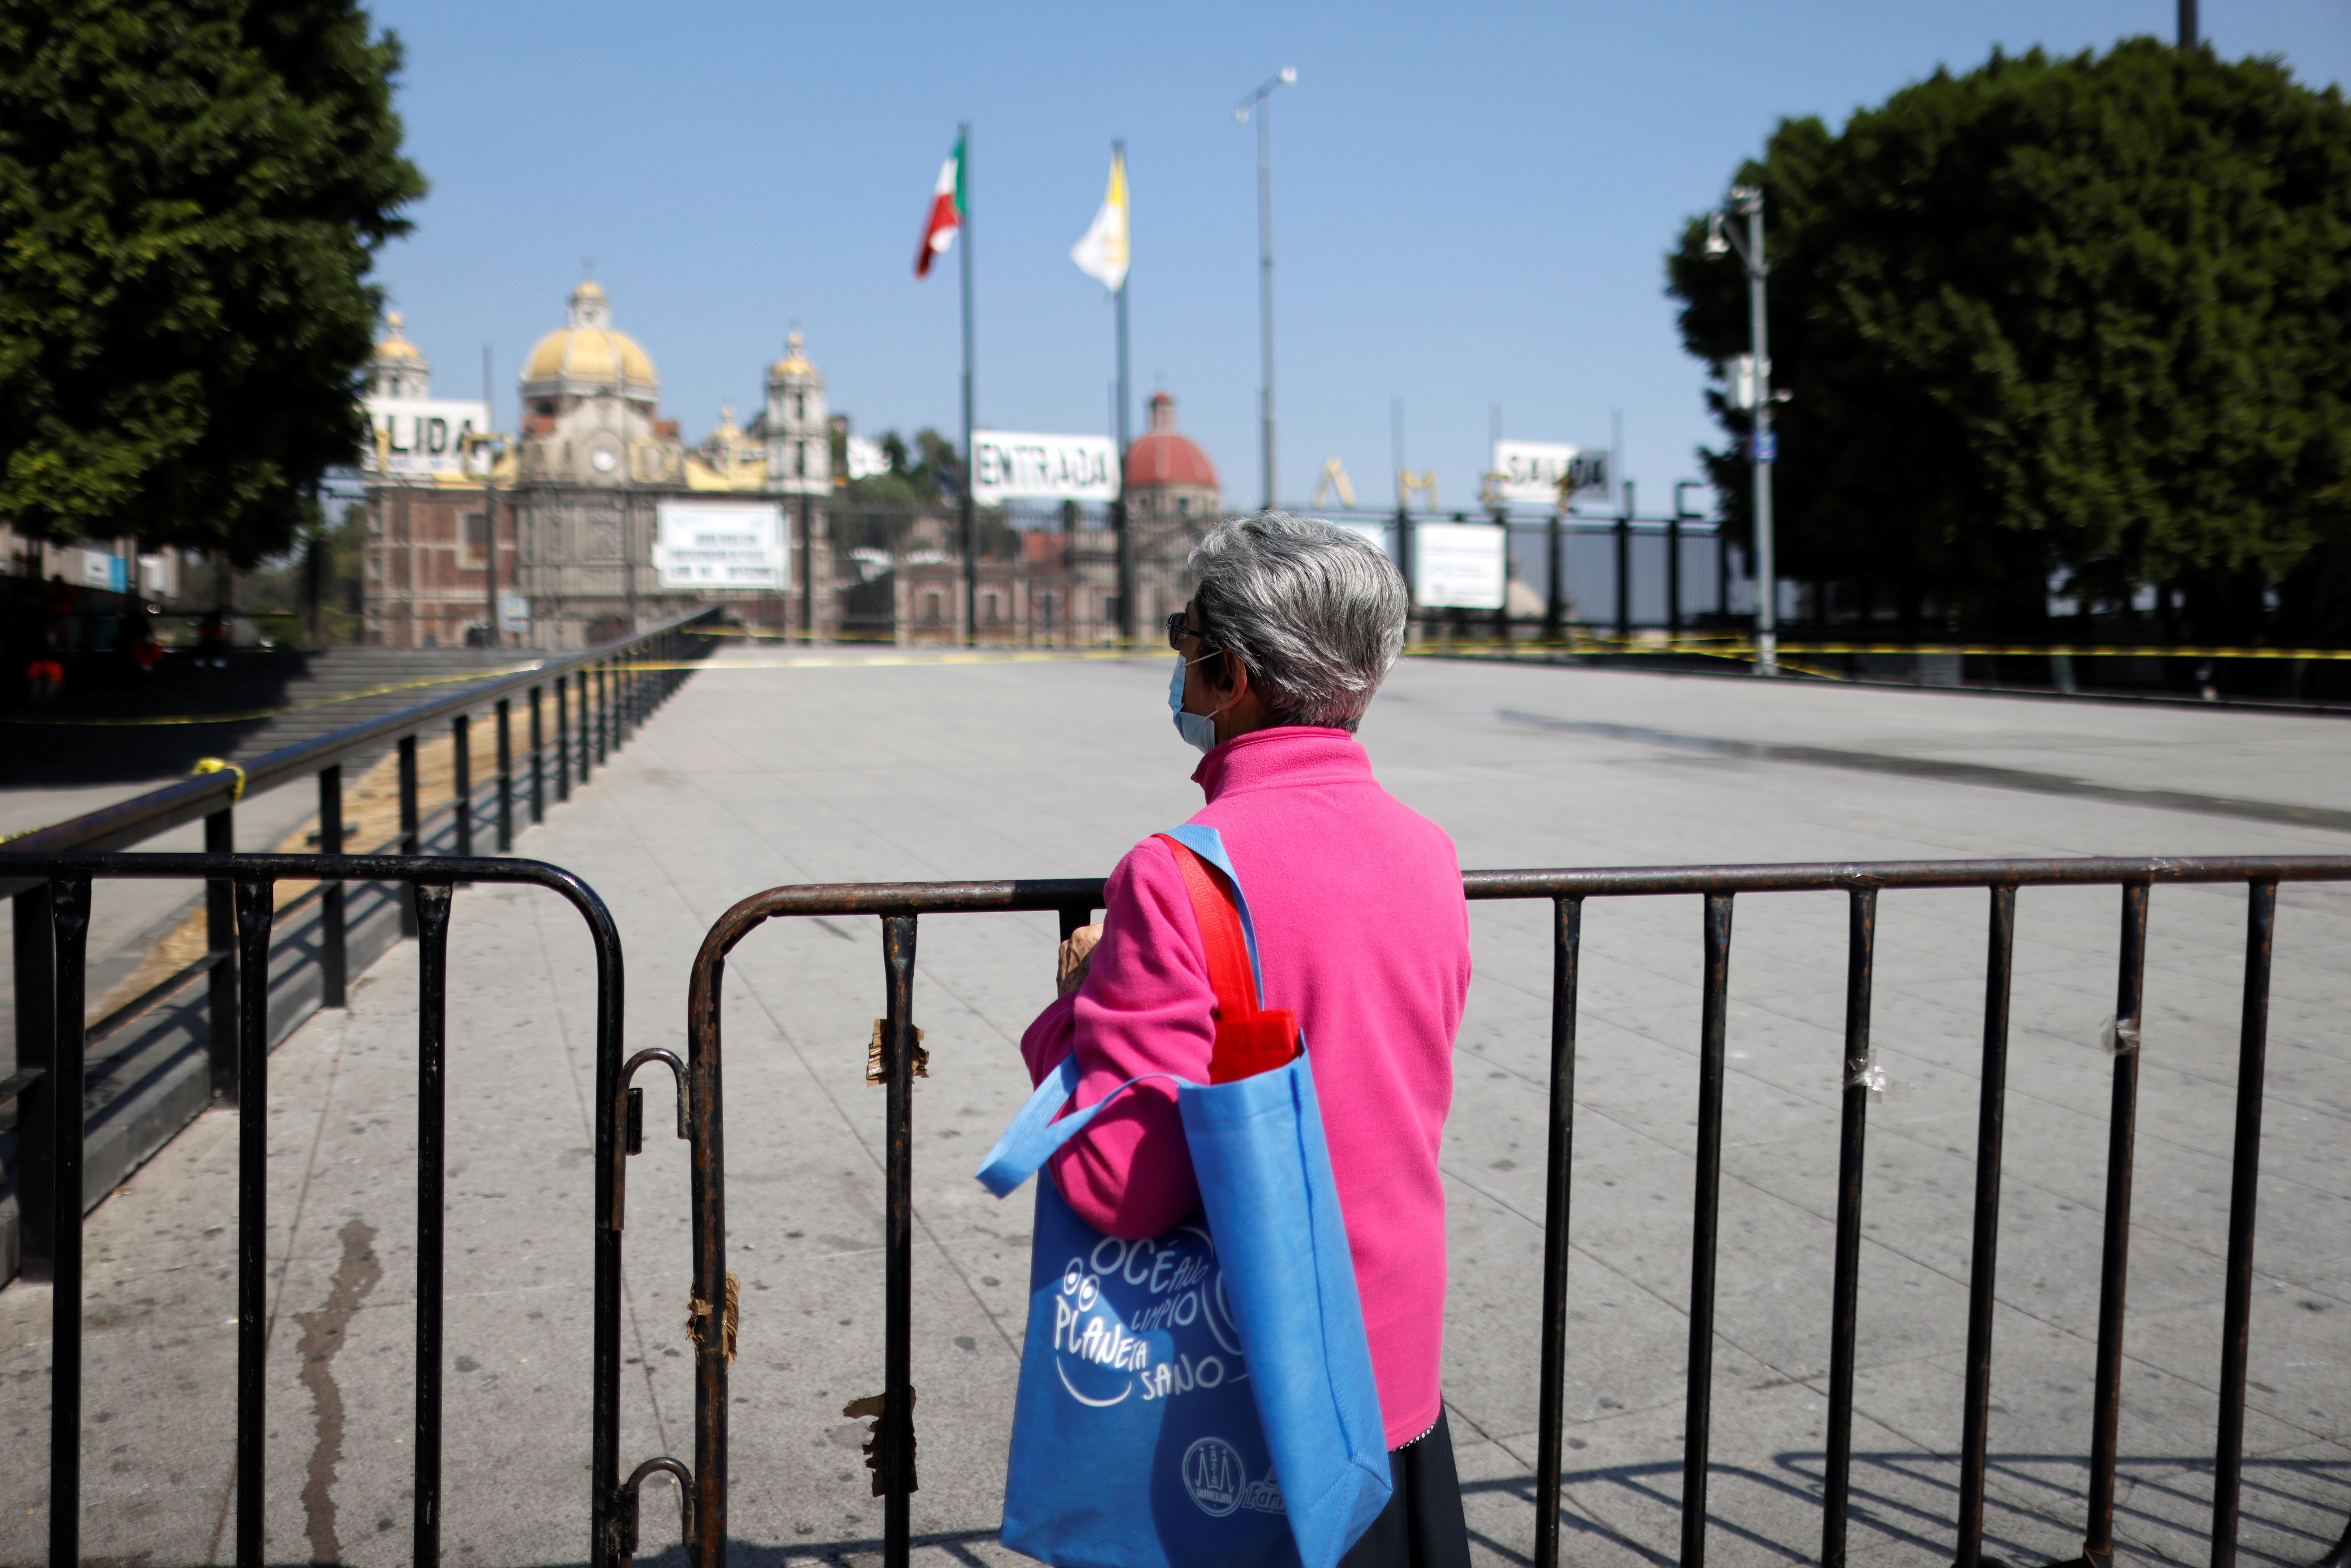 Una monja reza en la entrada de la Basílica de Guadalupe que está temporalmente cerrada para evitar multitudes en el tradicional día de celebración de la Virgen de Guadalupe el 12 de diciembre, mientras continúa el brote de la enfermedad por coronavirus (COVID-19), en la Ciudad de México, México el 10 de diciembre, 2020.